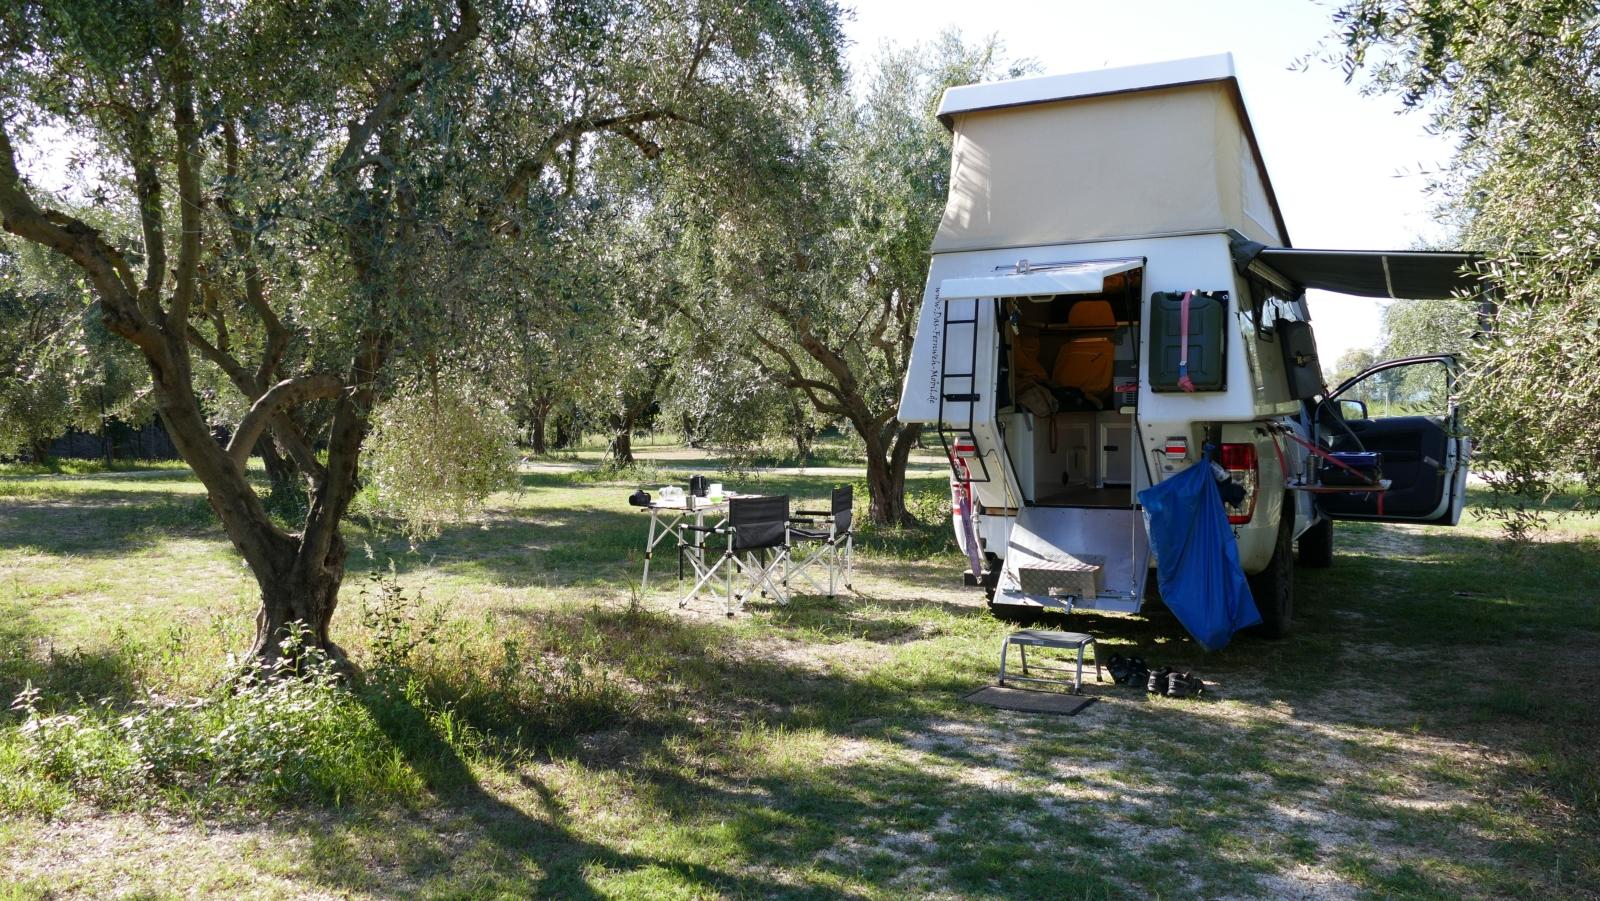 Griechenland - Tagelange Ruhe im Olivenhain.